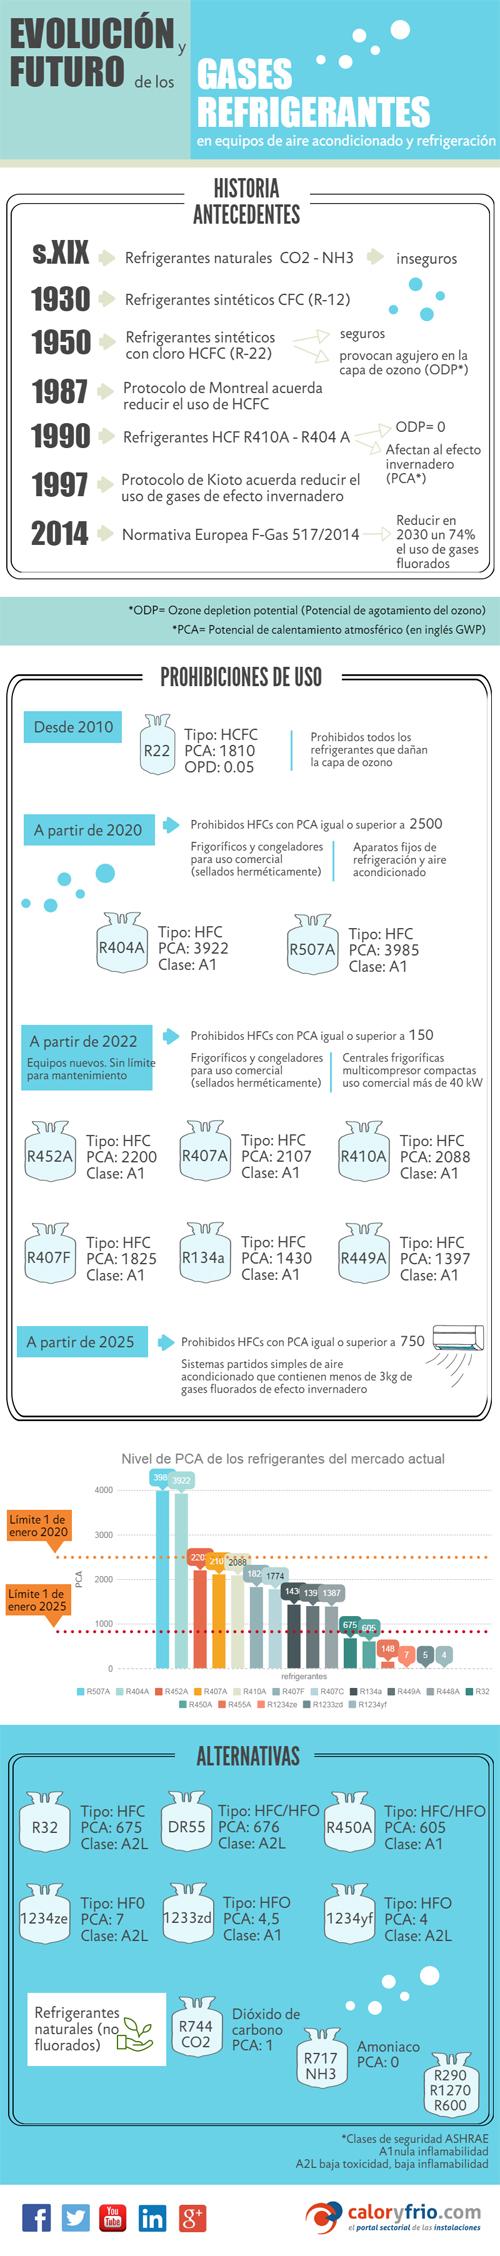 Infografía Evolución y Futuro de los gases refrigerantes en aire acondicionado y refrigeración